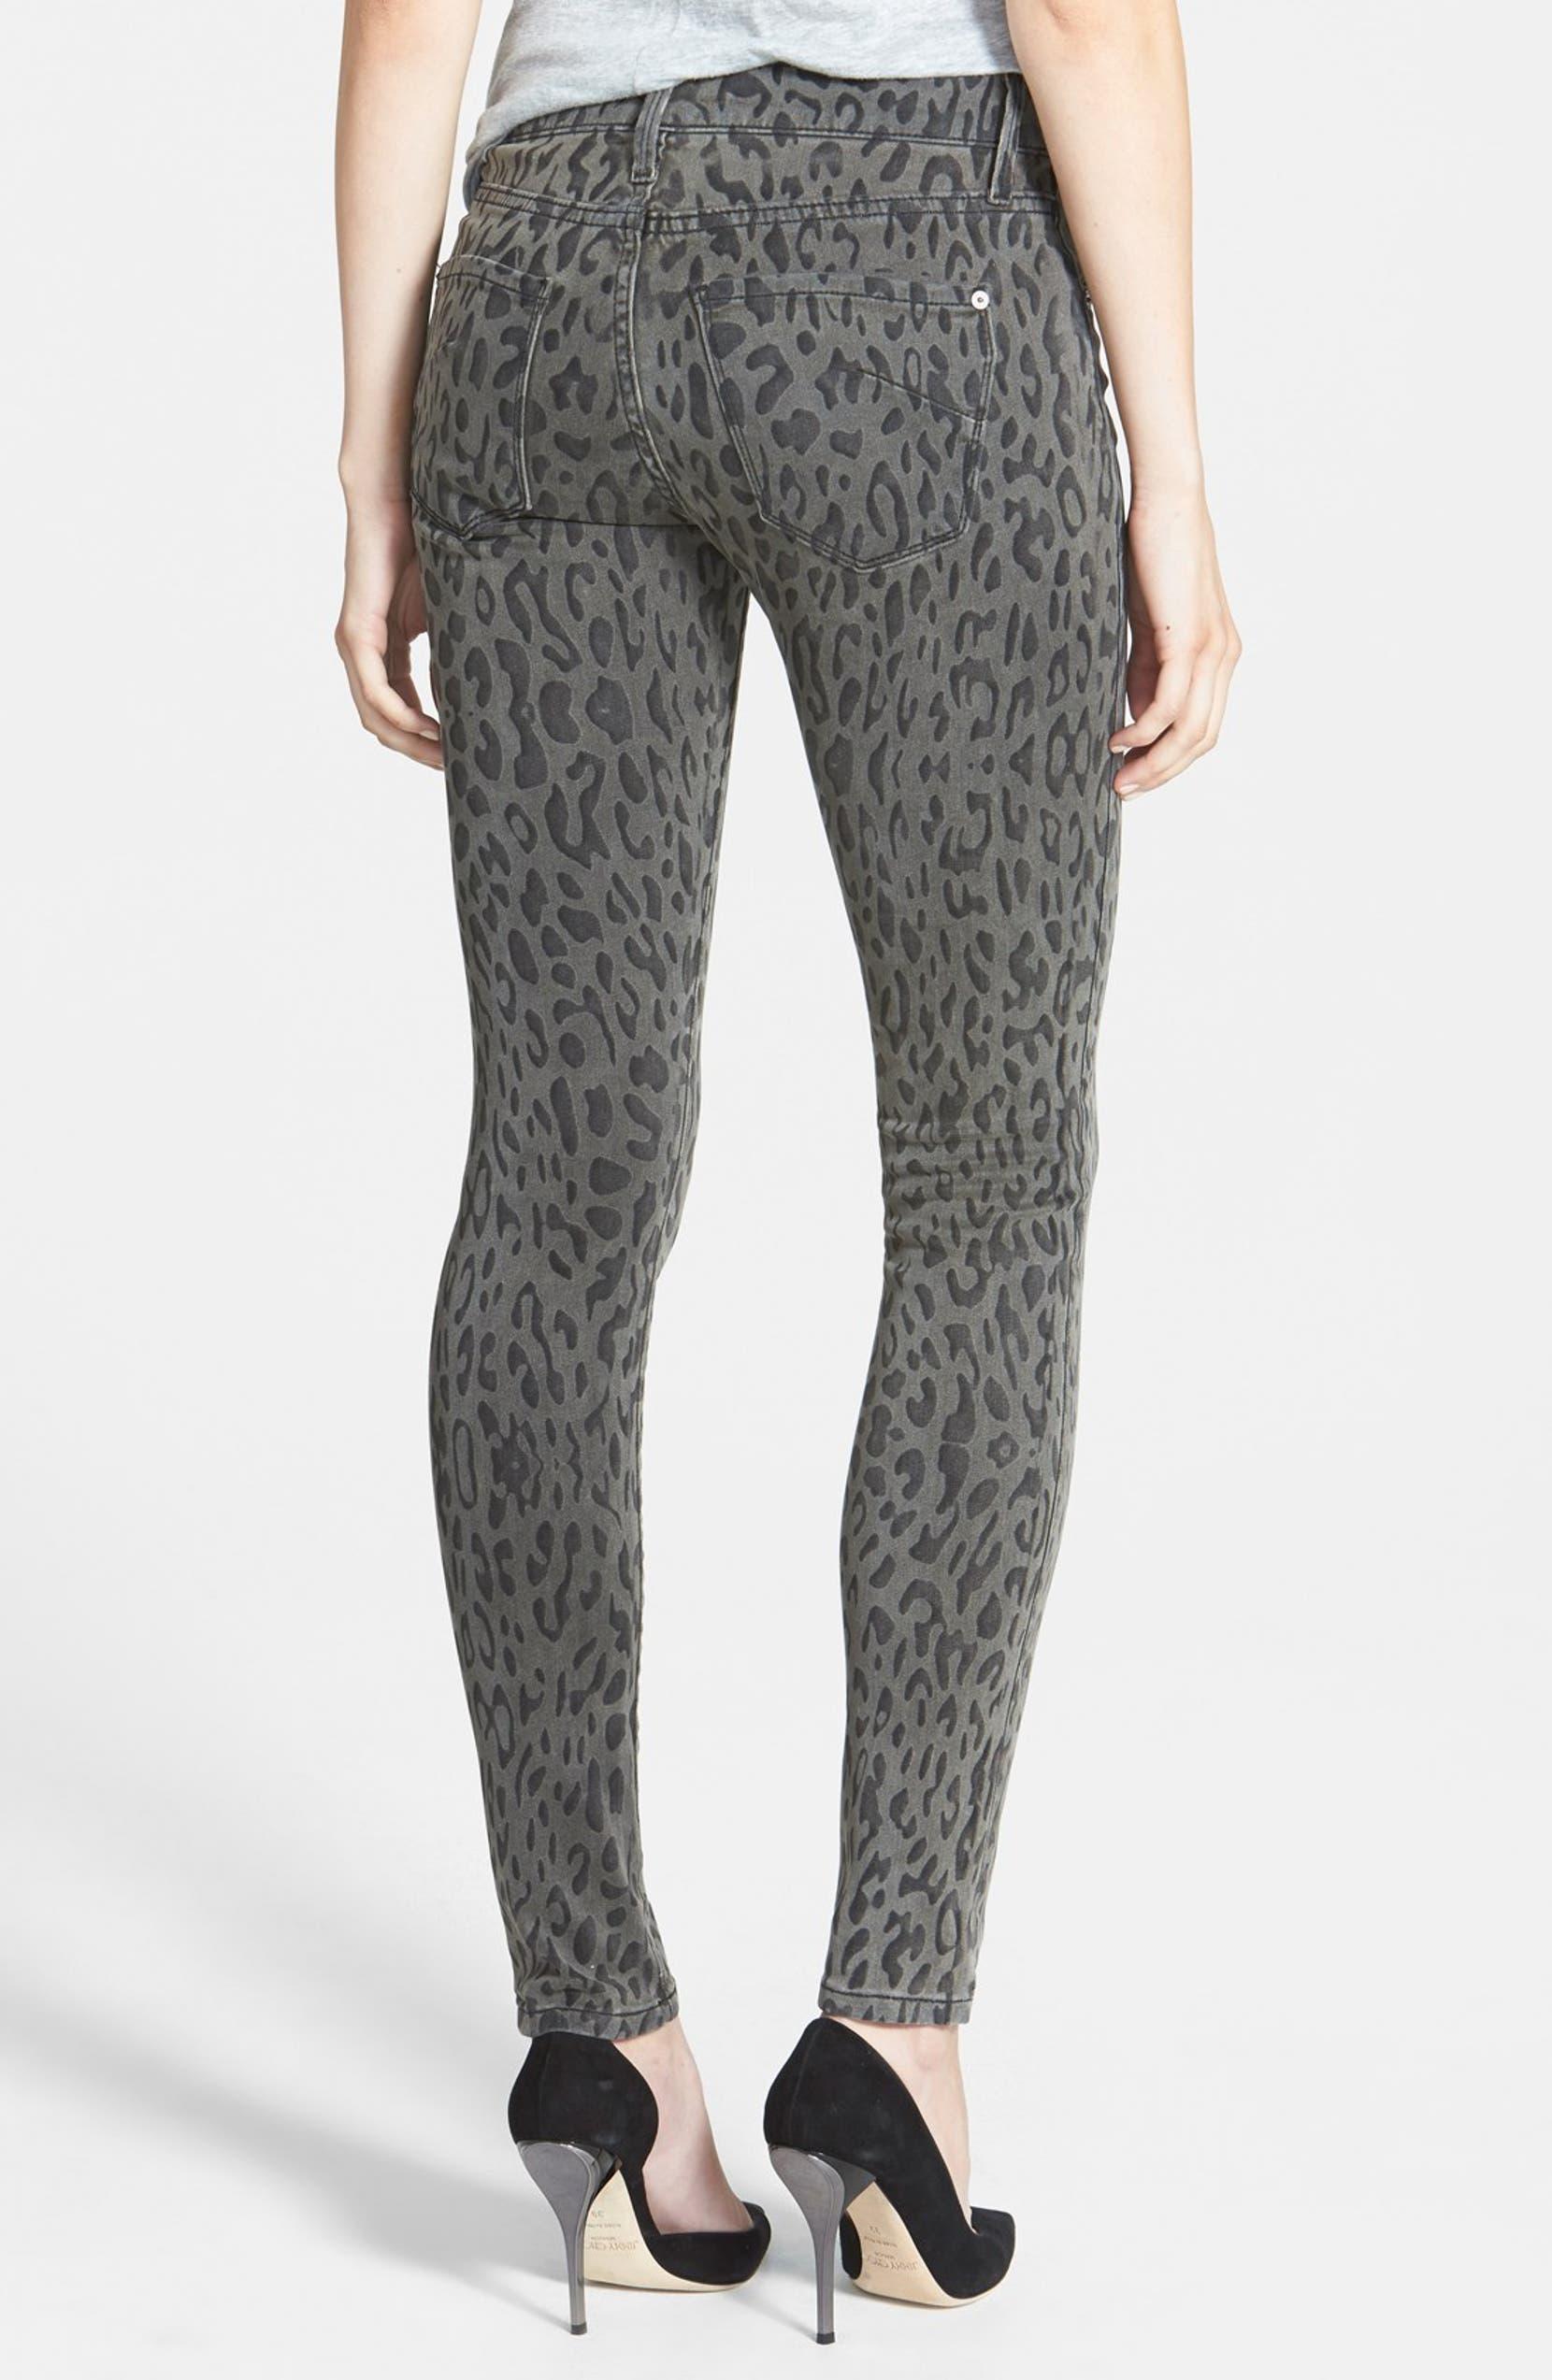 19529ce723472b James Jeans Five Pocket Leggings (Cougar) | Nordstrom